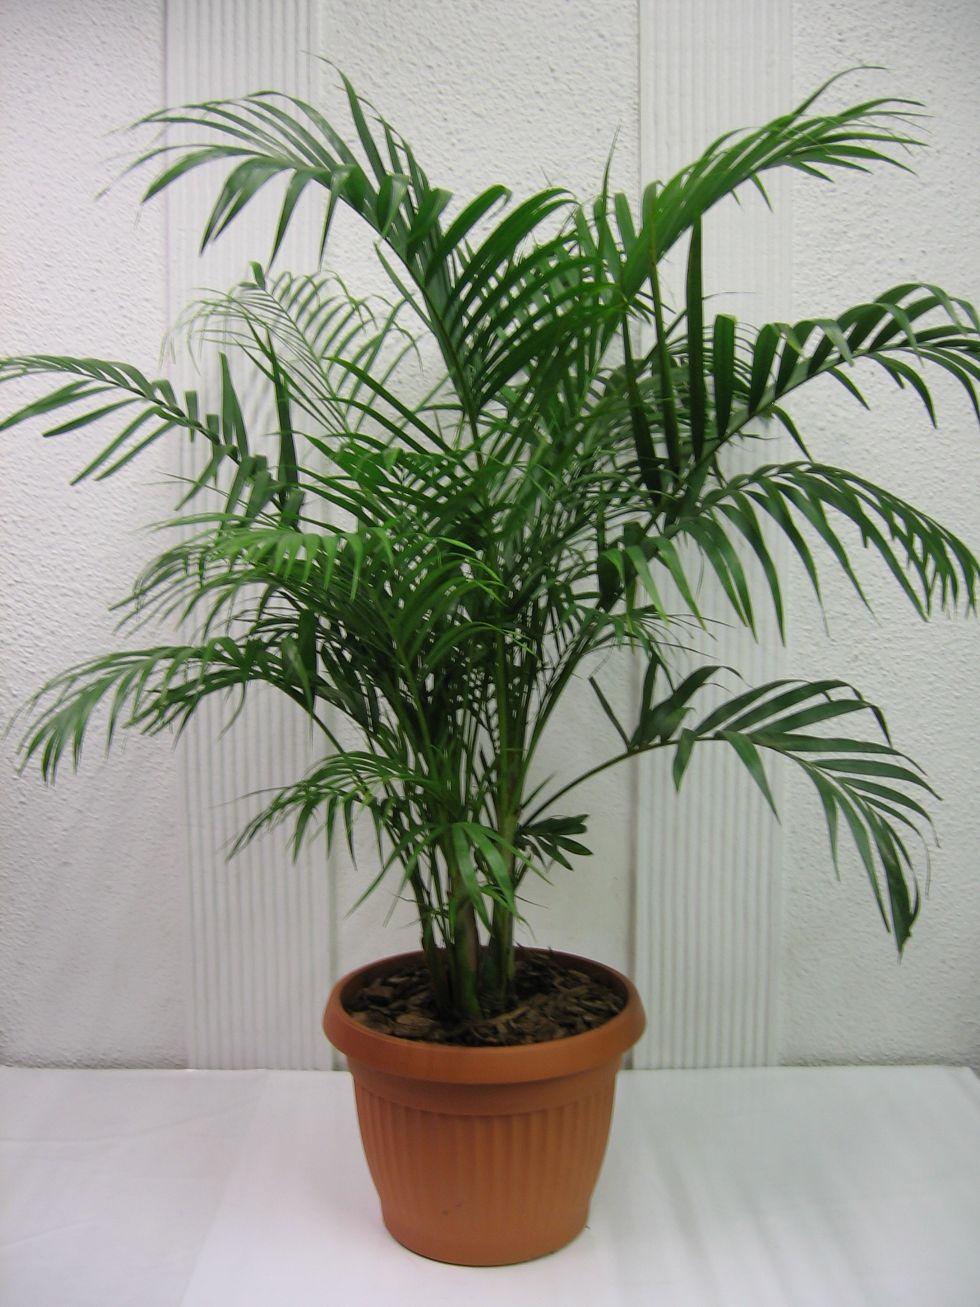 Del rbol plantas que purifican el aire - Plantas de interior que purifican el aire ...